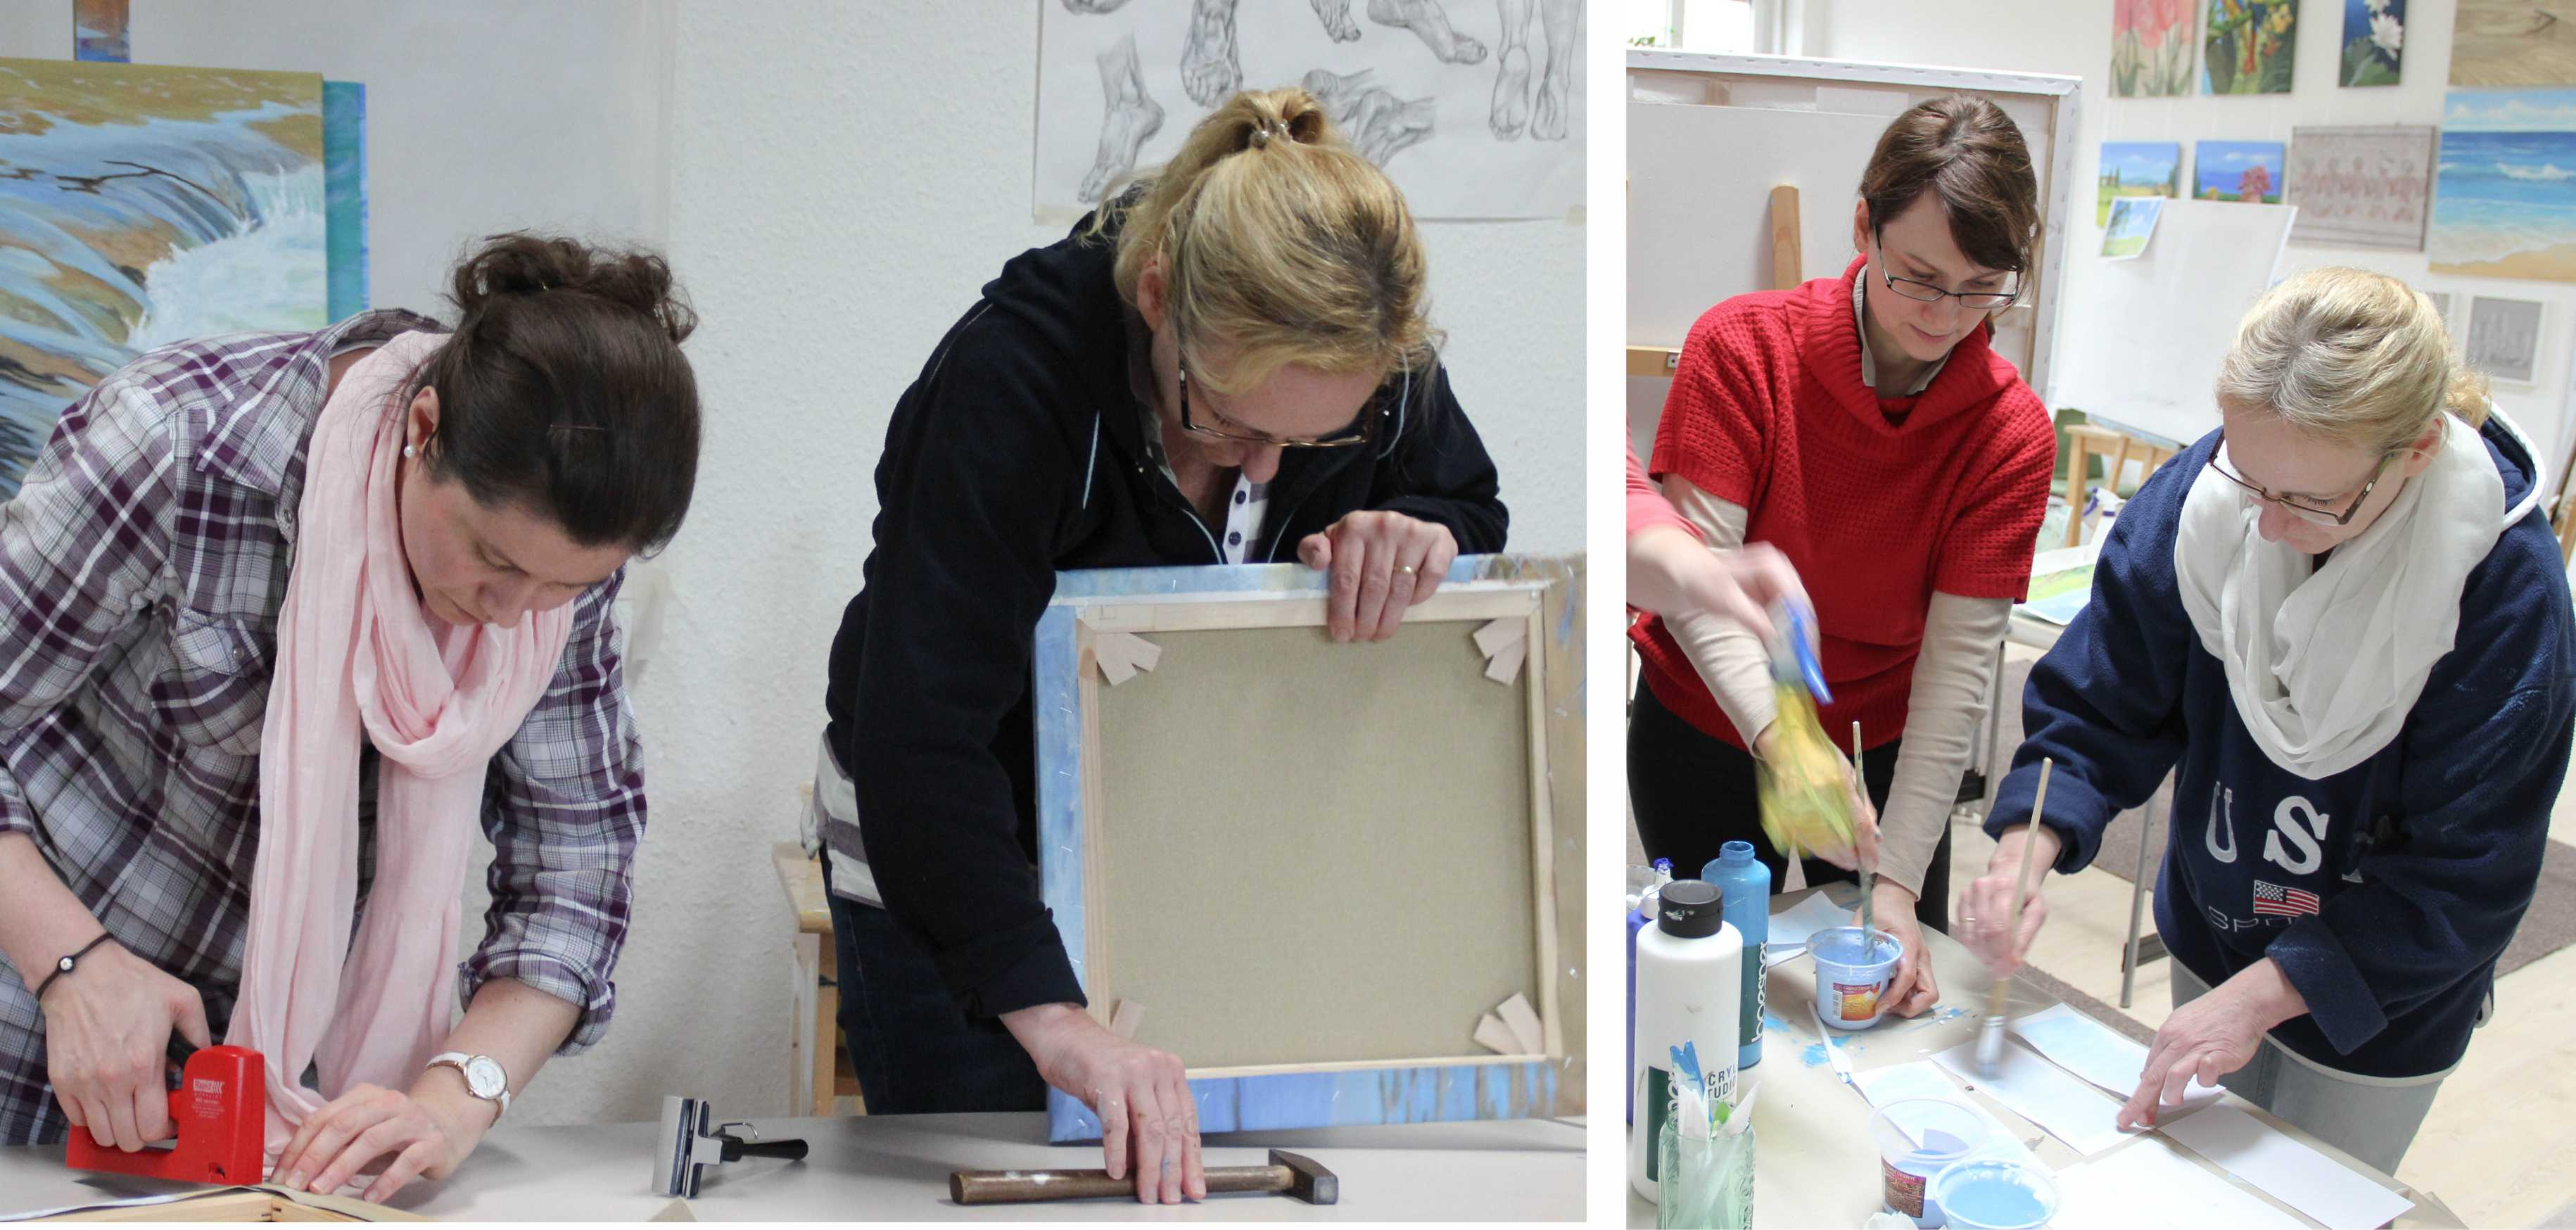 Kurs Basiswissen für Künstler, Kunstakademie Wertheim, Akademie für Fotorealismus, Atelier Leoni